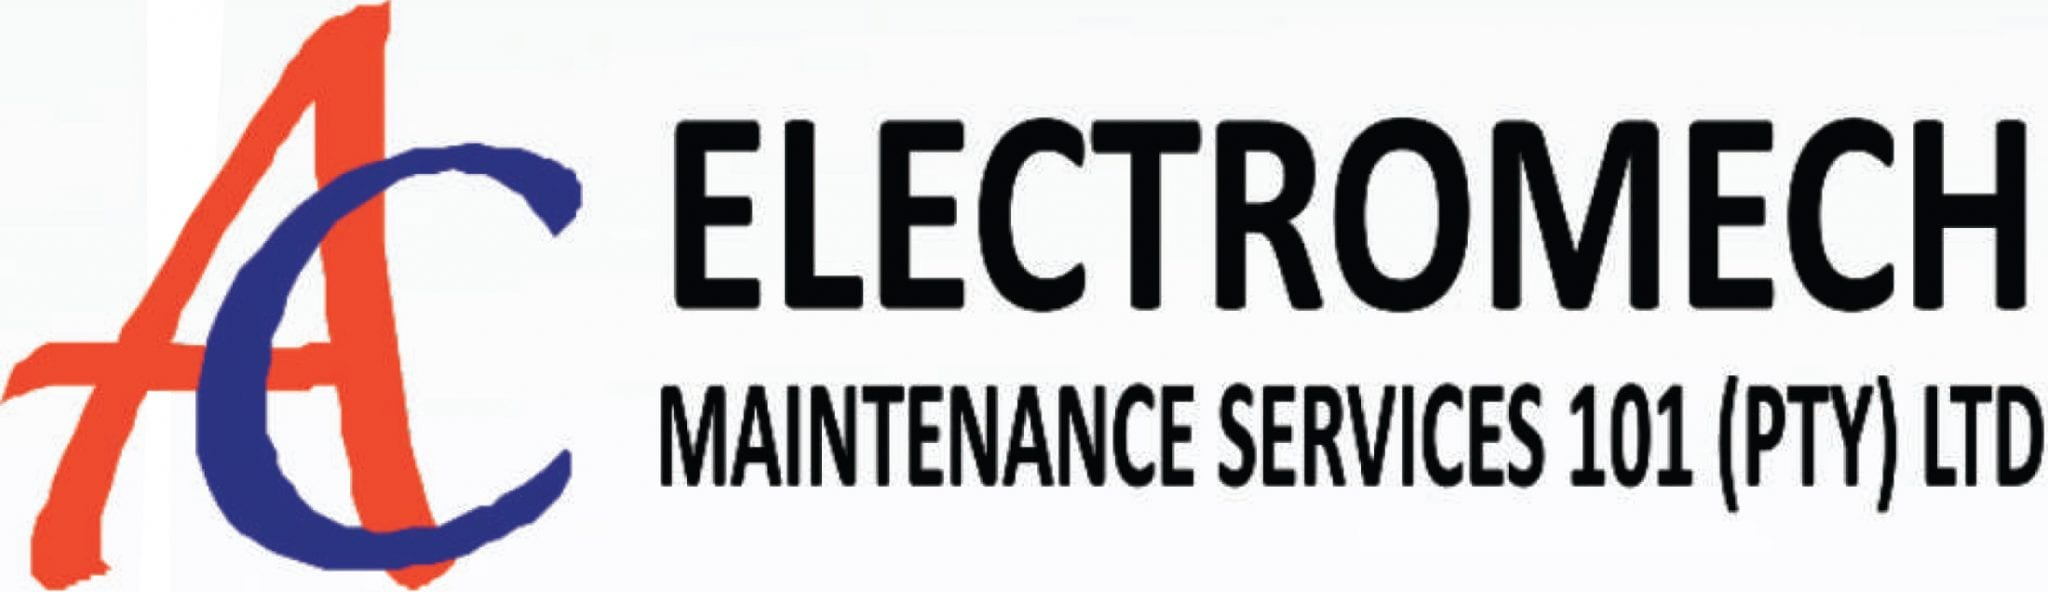 AC Electromech